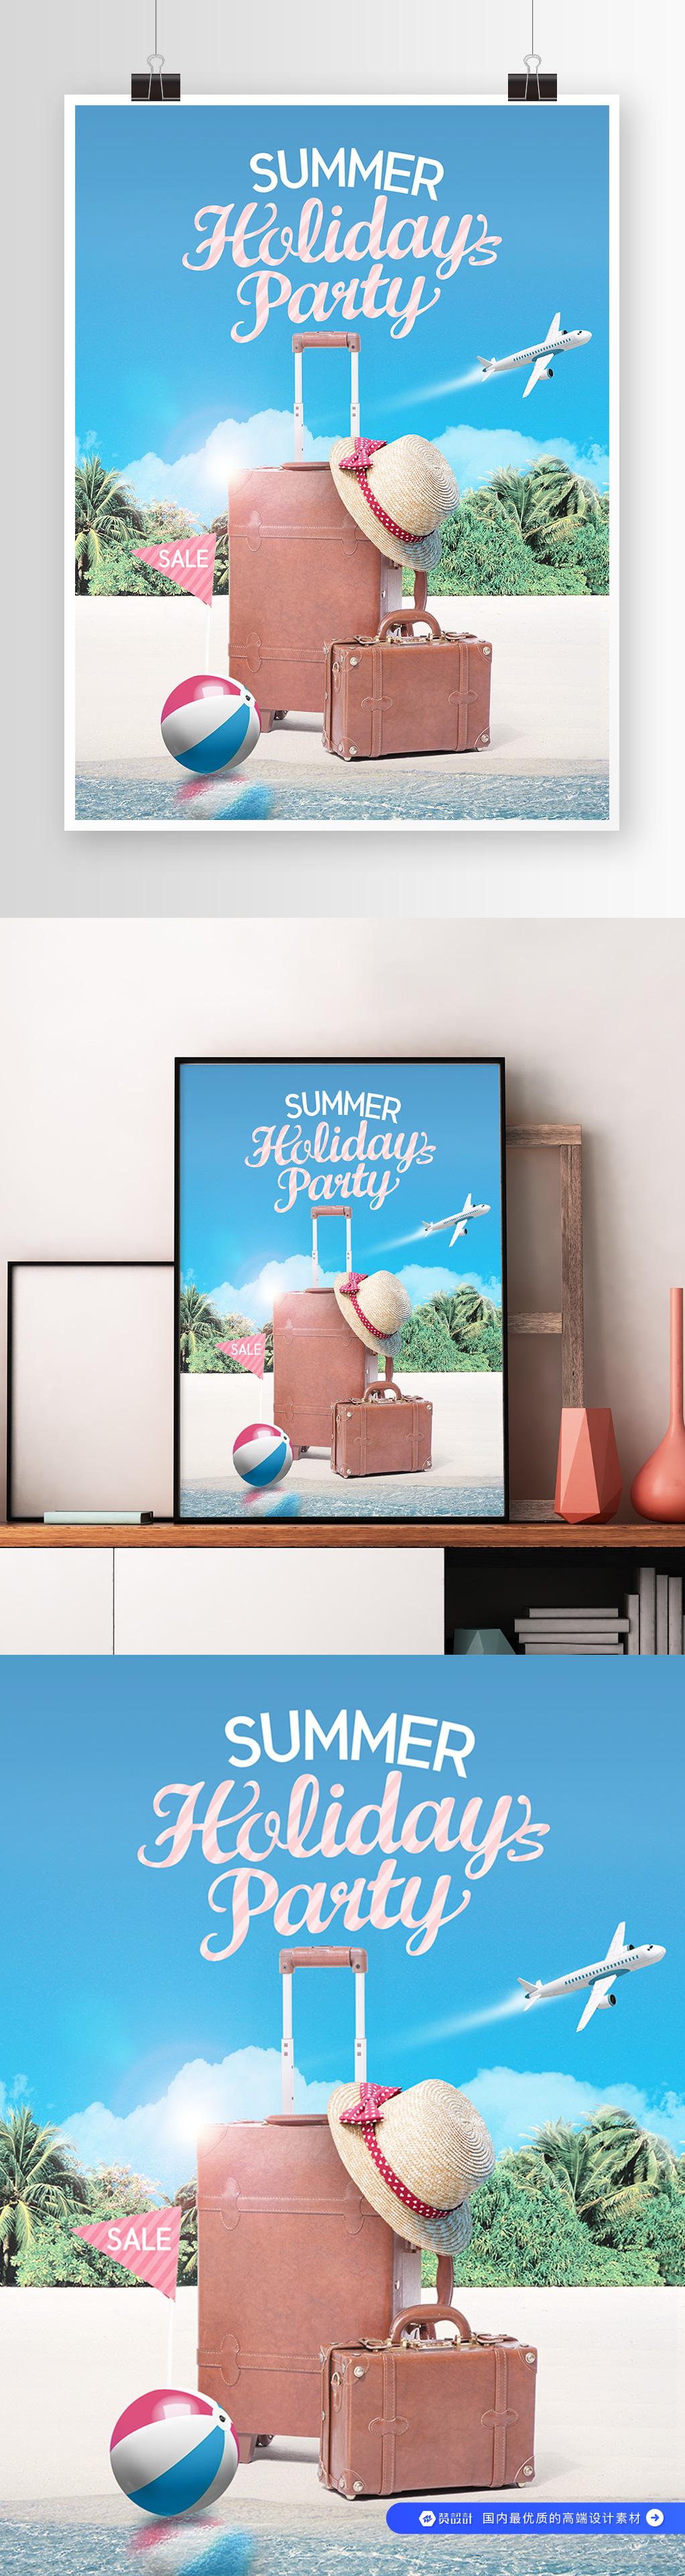 夏季海滩旅行促销海报素材